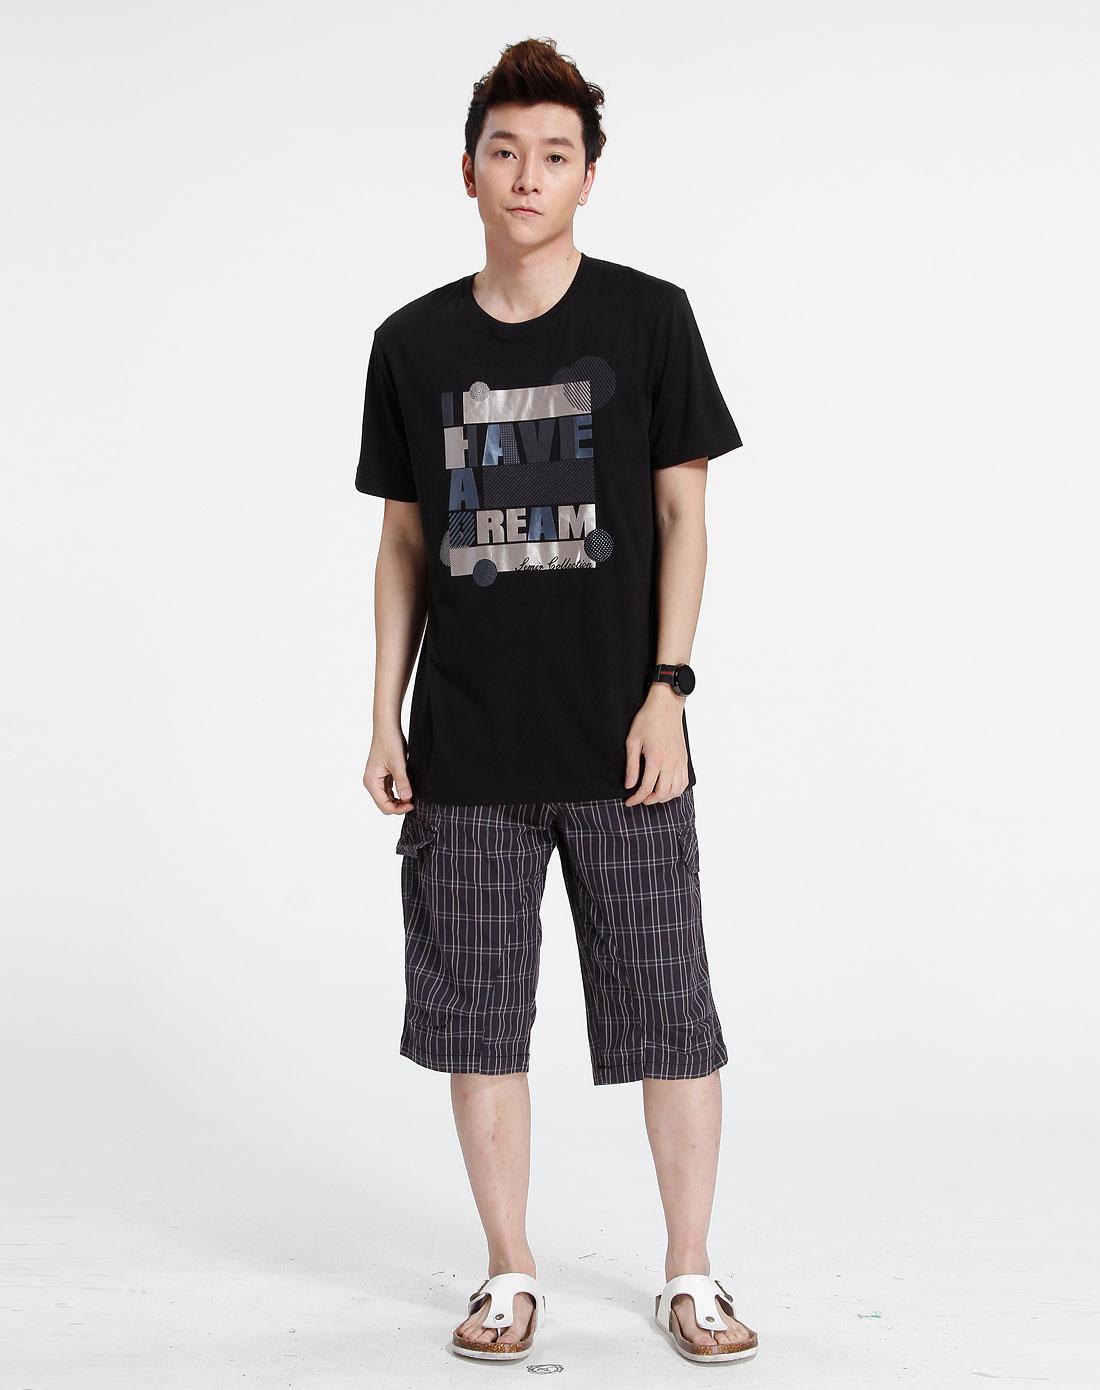 森马-男装黑色时尚个性短袖t恤002151526-900图片